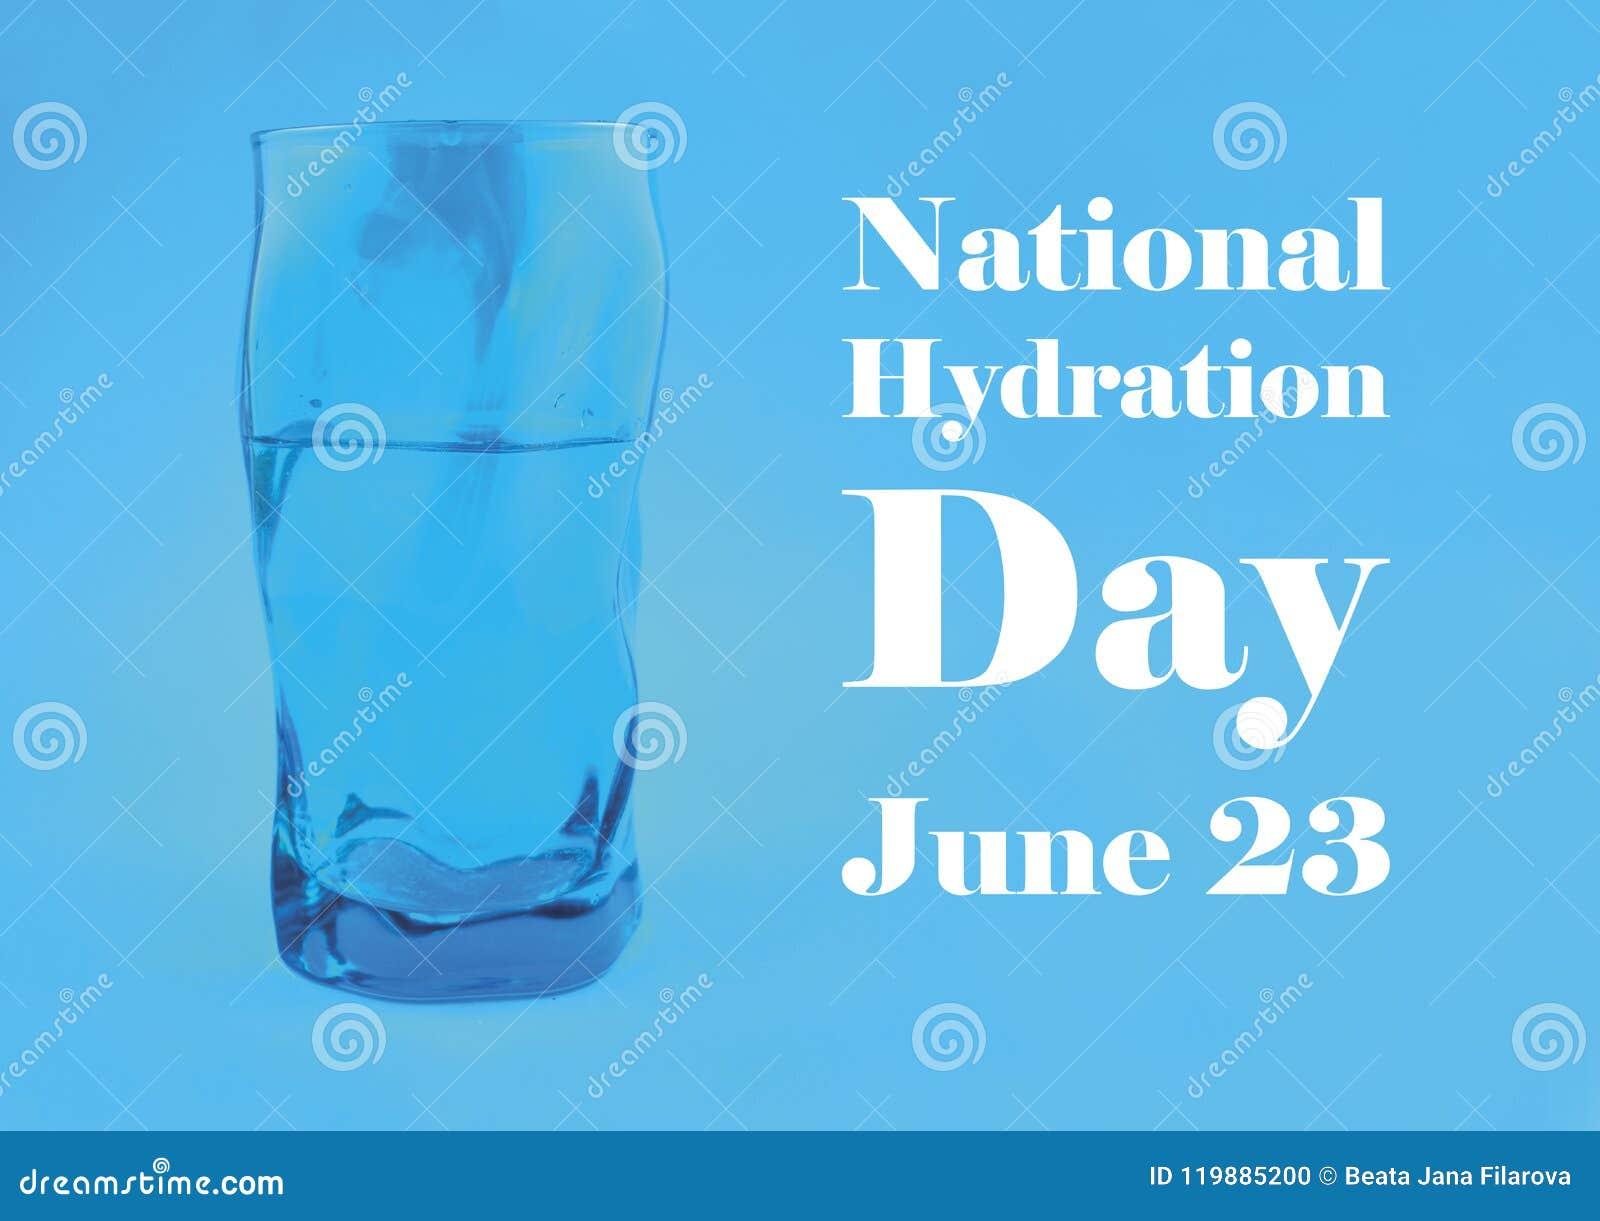 National Hydration Day Illustration Stock Photo Image Of Freshness Fluid 119885200